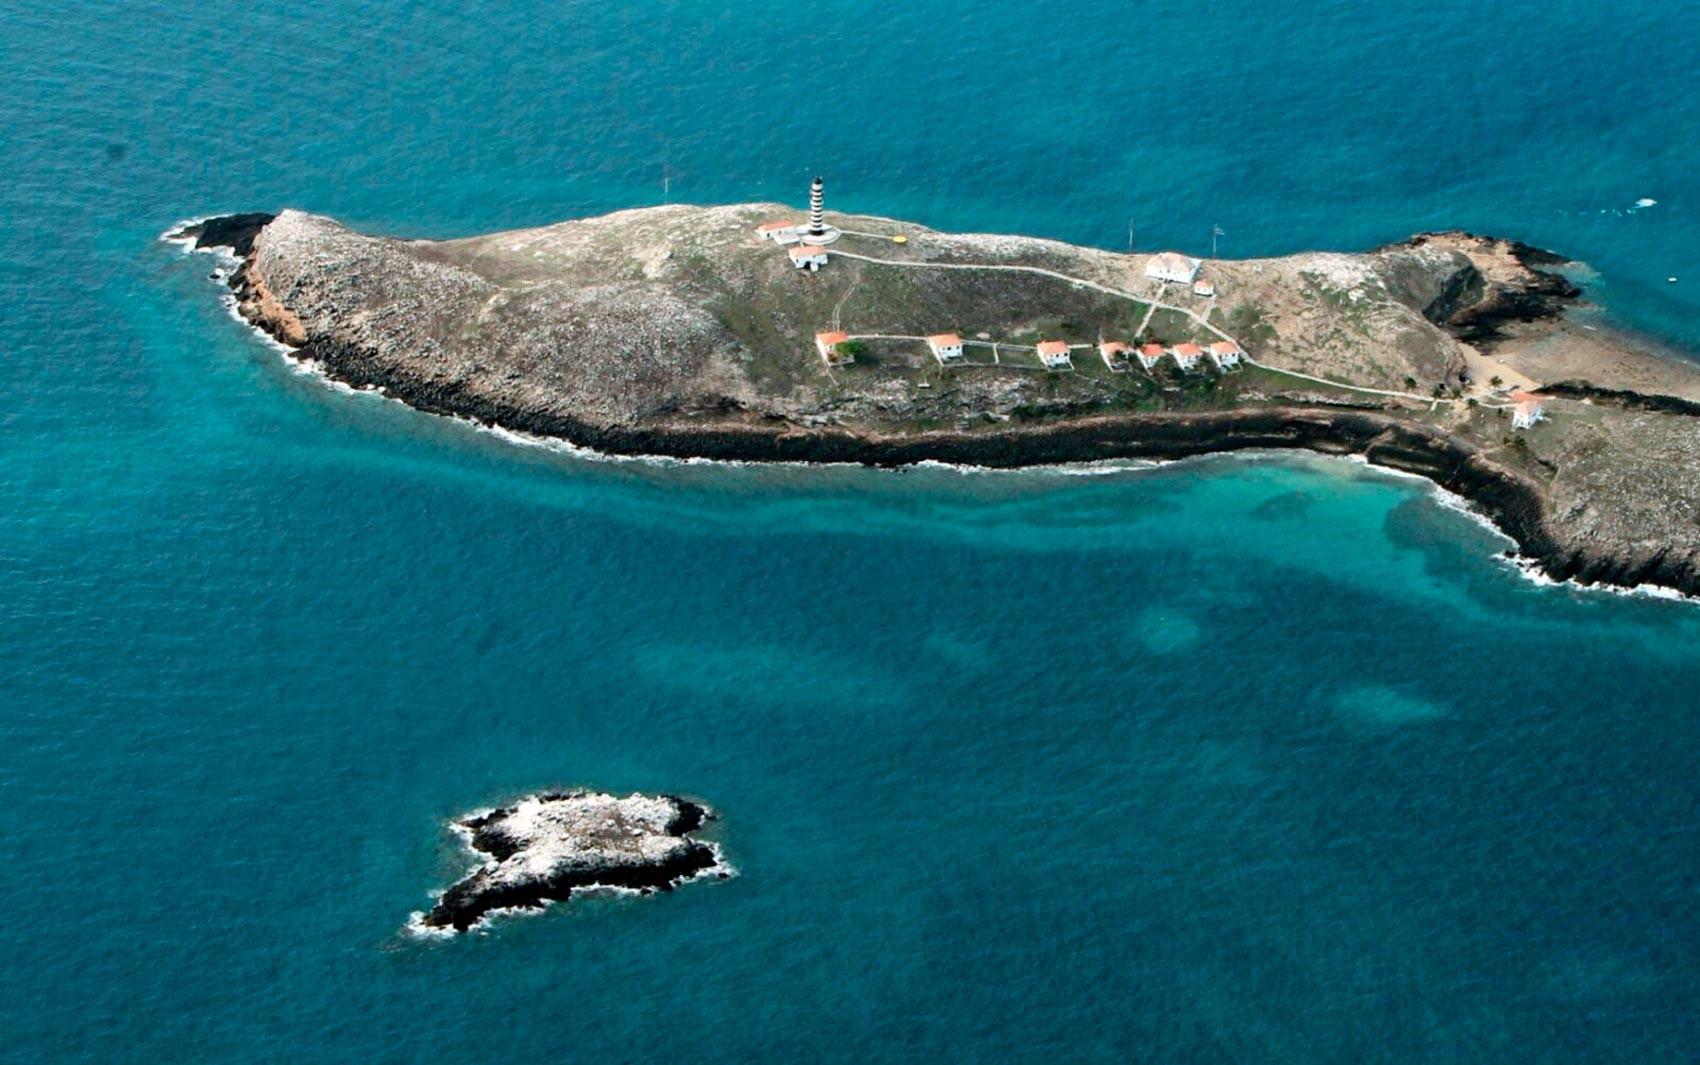 'Nada poderia ser pior que óleo chegar a Abrolhos', dizem pesquisadores sobre risco a santuário marítimo na rota de mancha de petróleo - Notícias - Plantão Diário